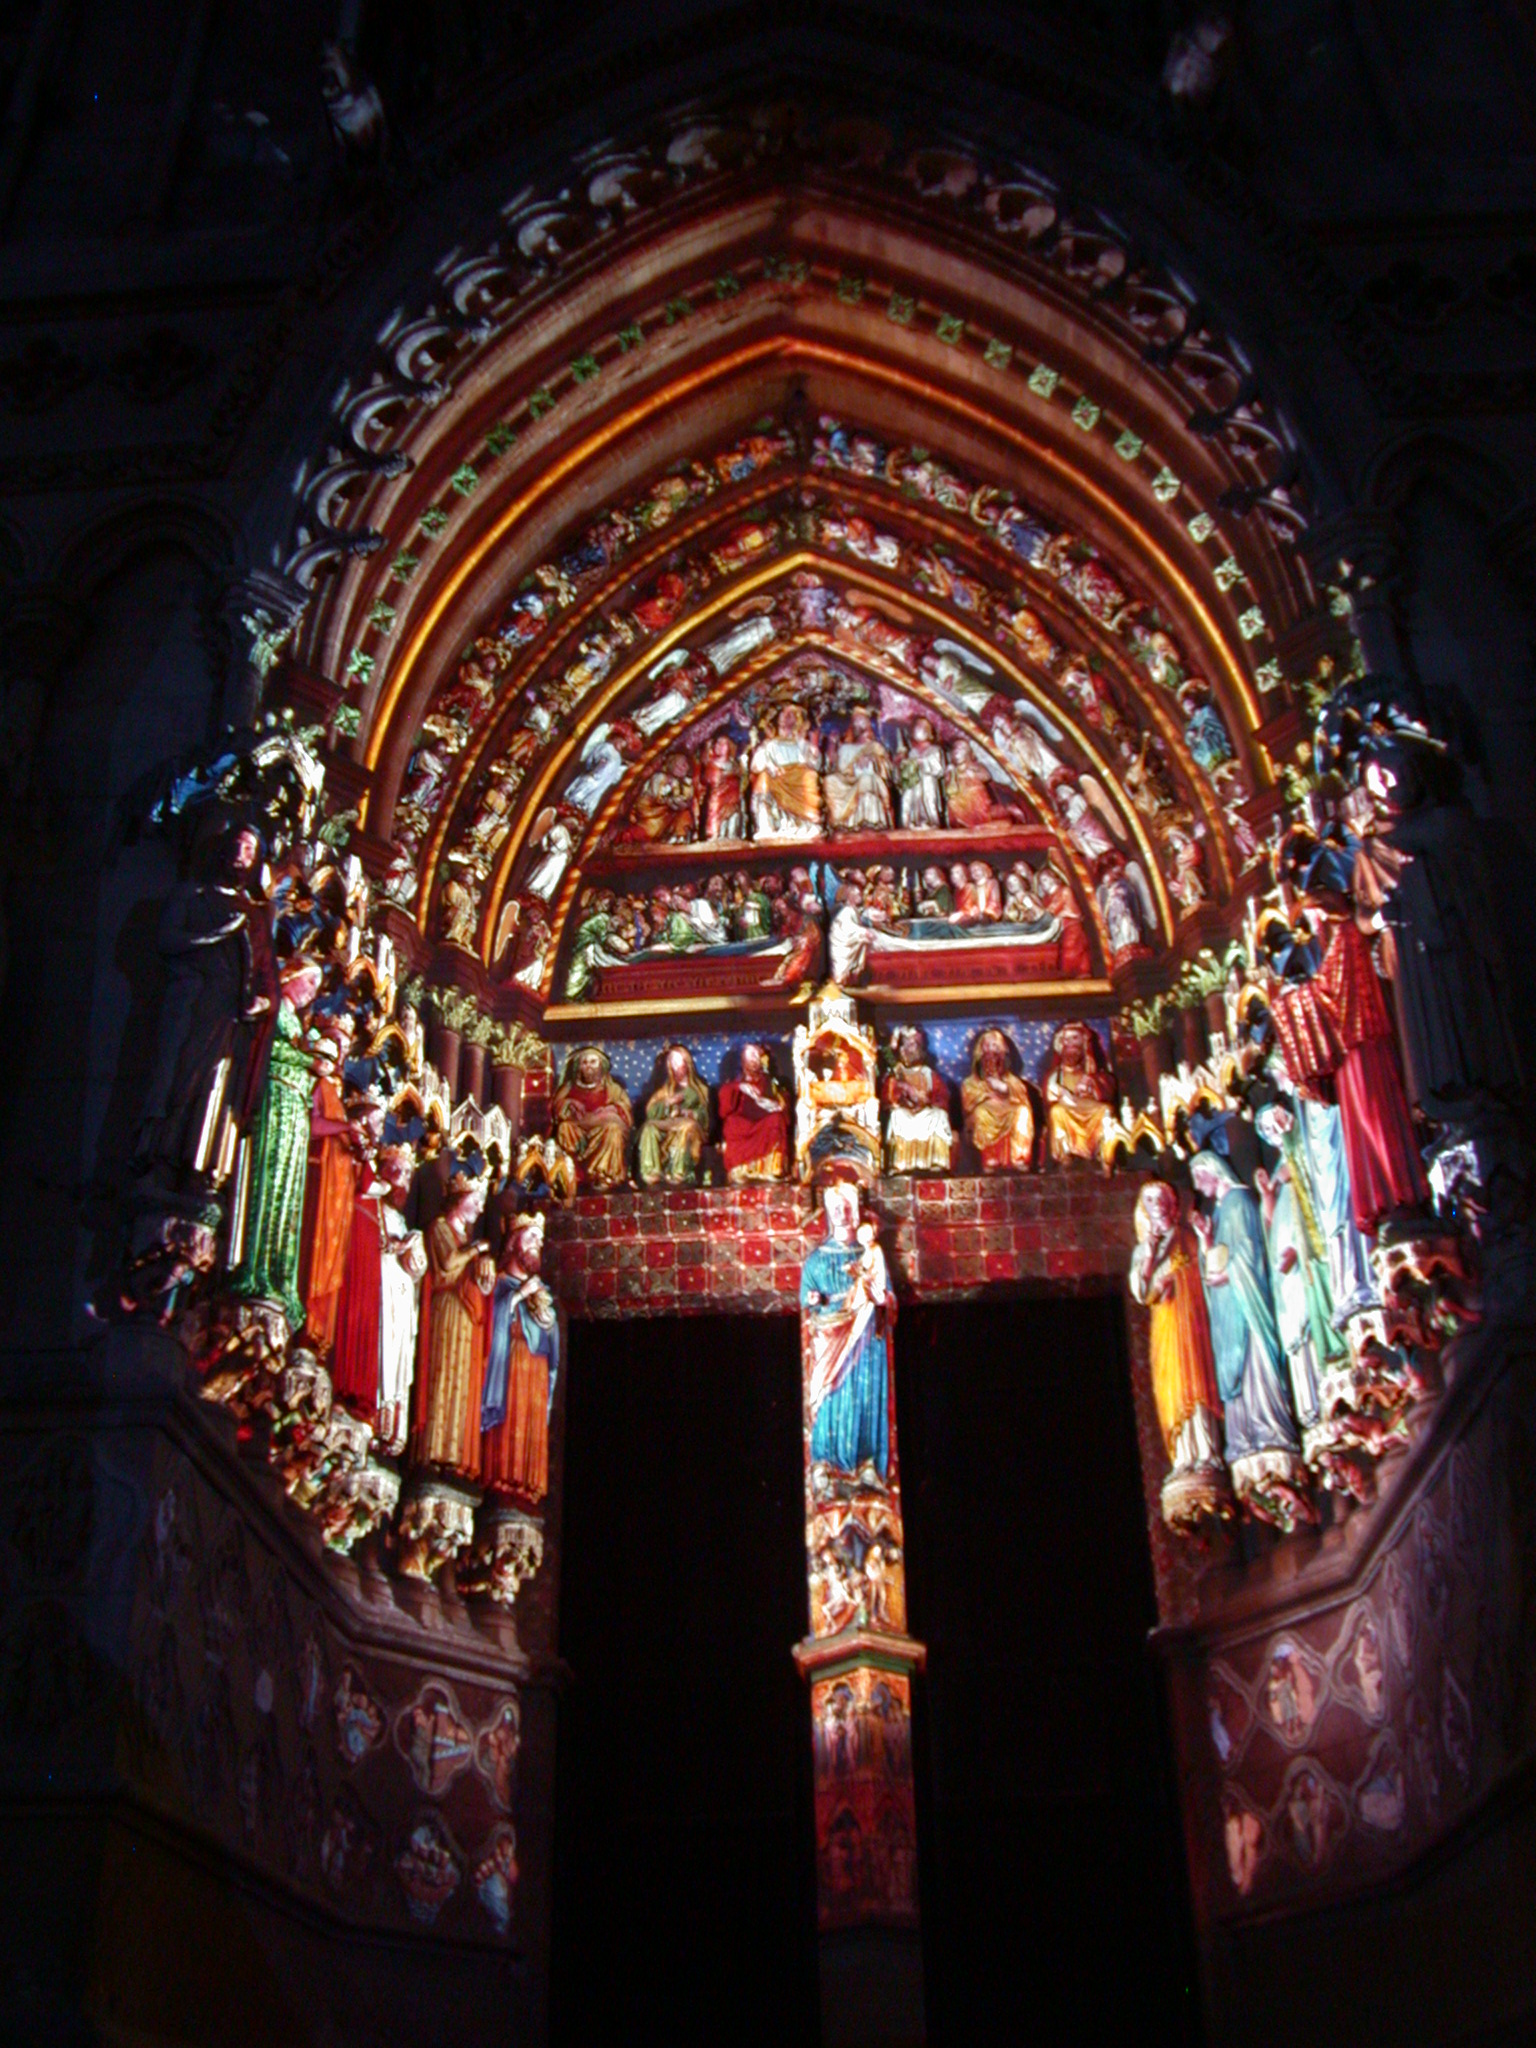 art sculptures gothic cathedral lit entrance architecture exteriors madonna saints